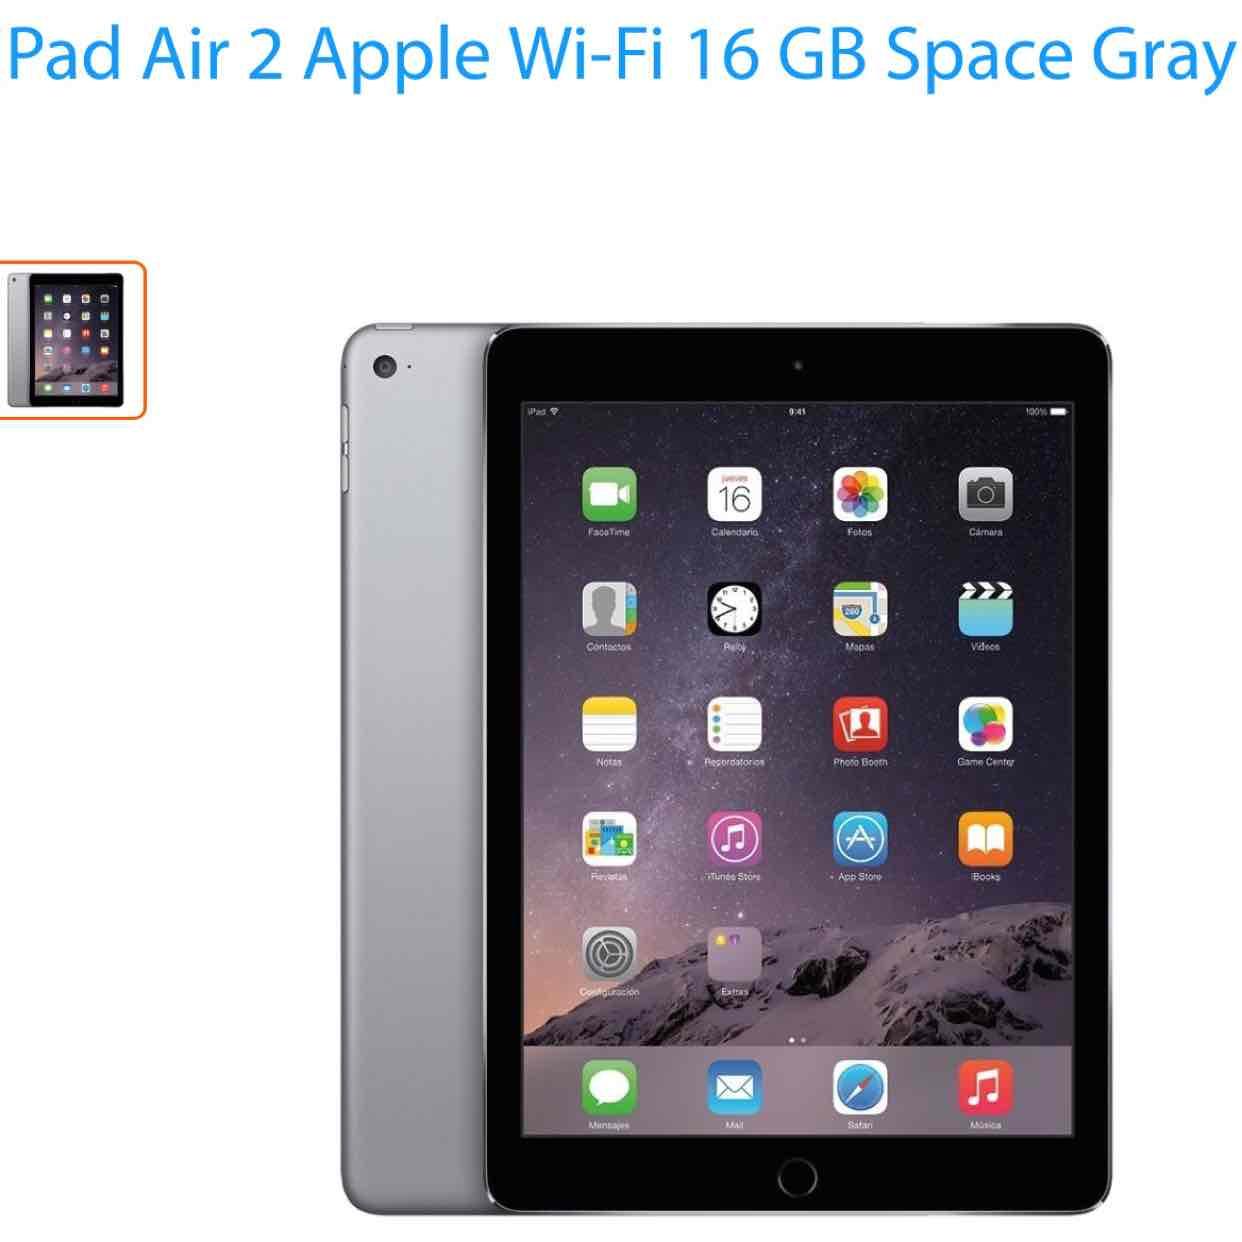 Walmart en línea: Ipad air 2 16 gb Space Grey a $4999.00 nuevamente